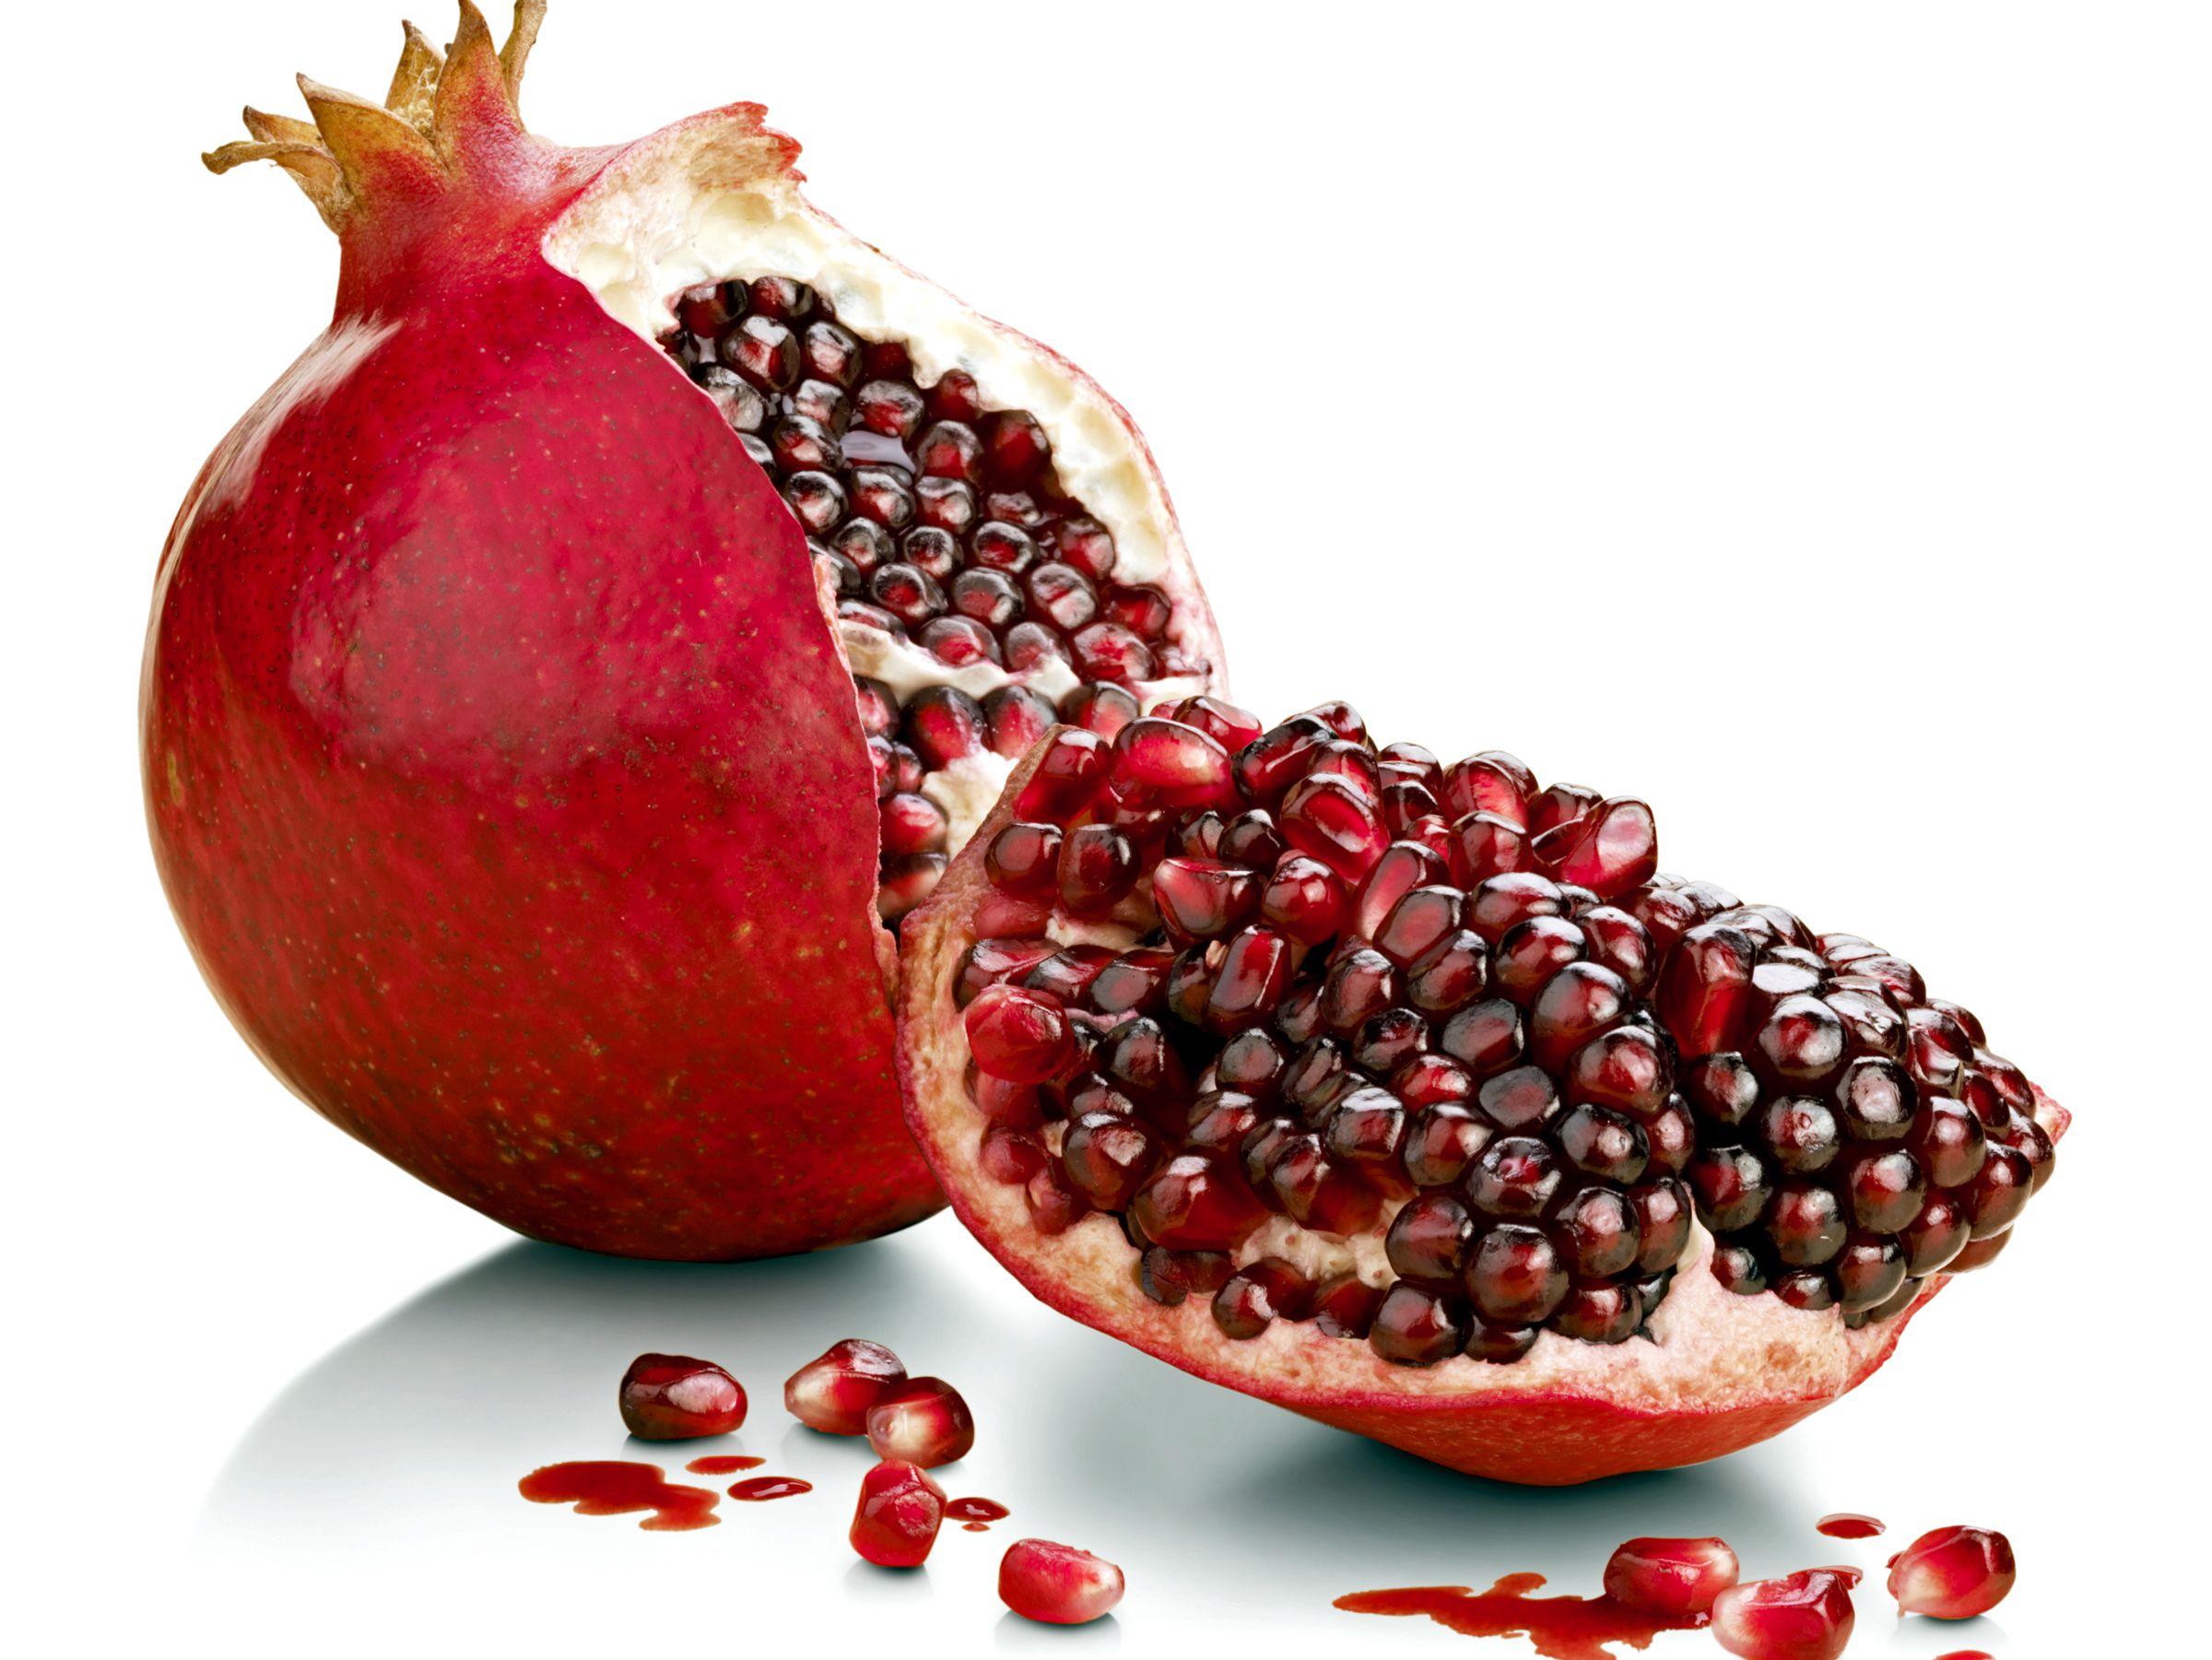 Pomegranates - The